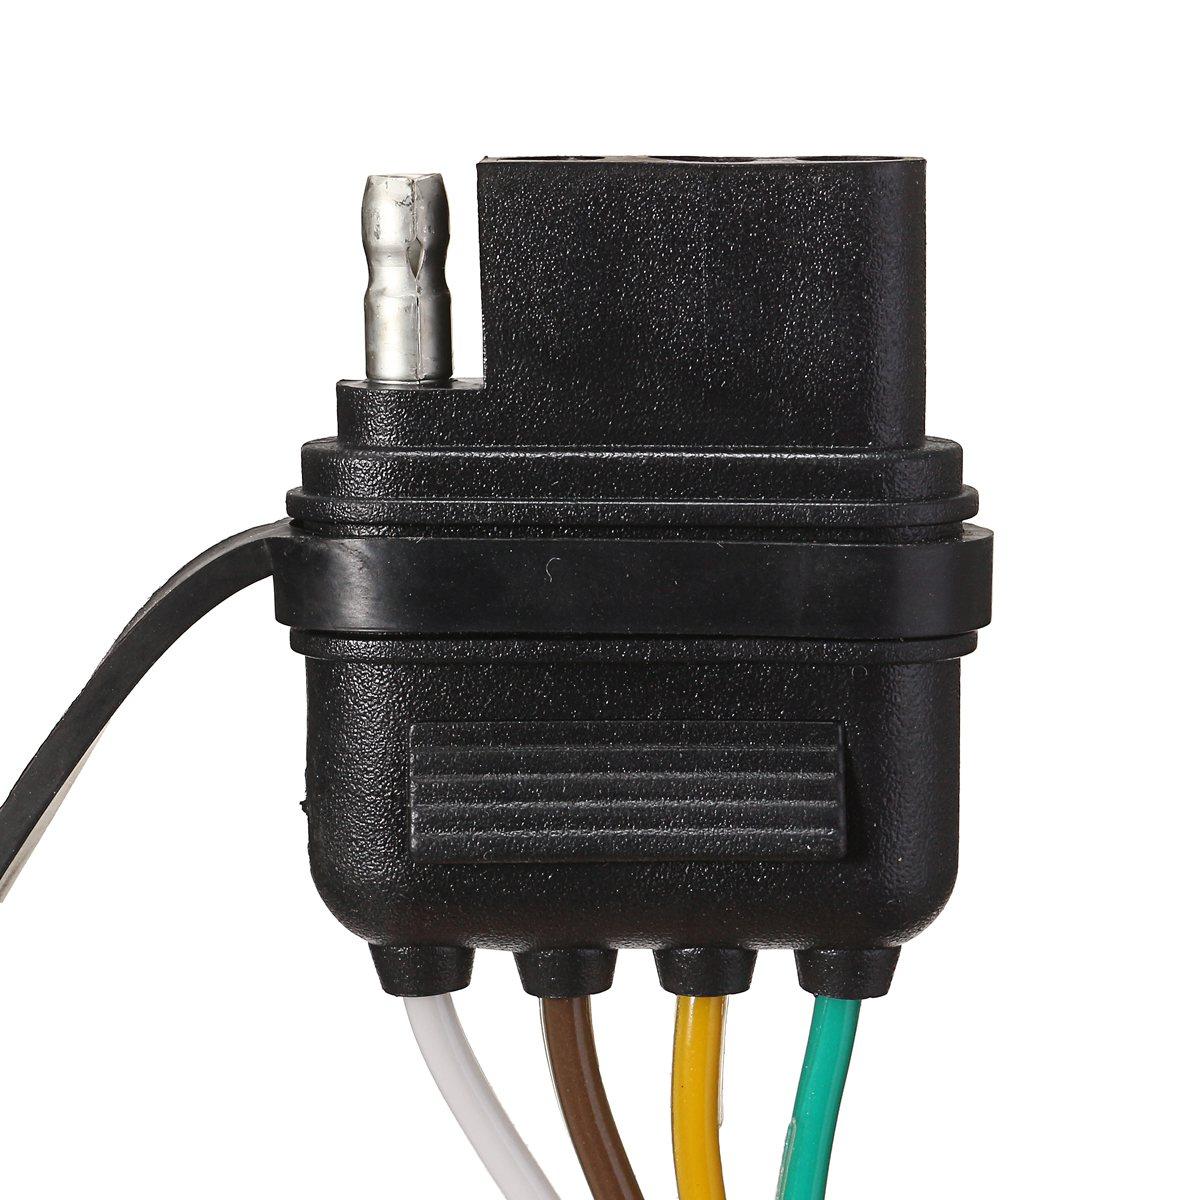 kroak 2 way 4 pin trailer splitter y split wiring harness adapter for led tailgate bar [ 1200 x 1200 Pixel ]